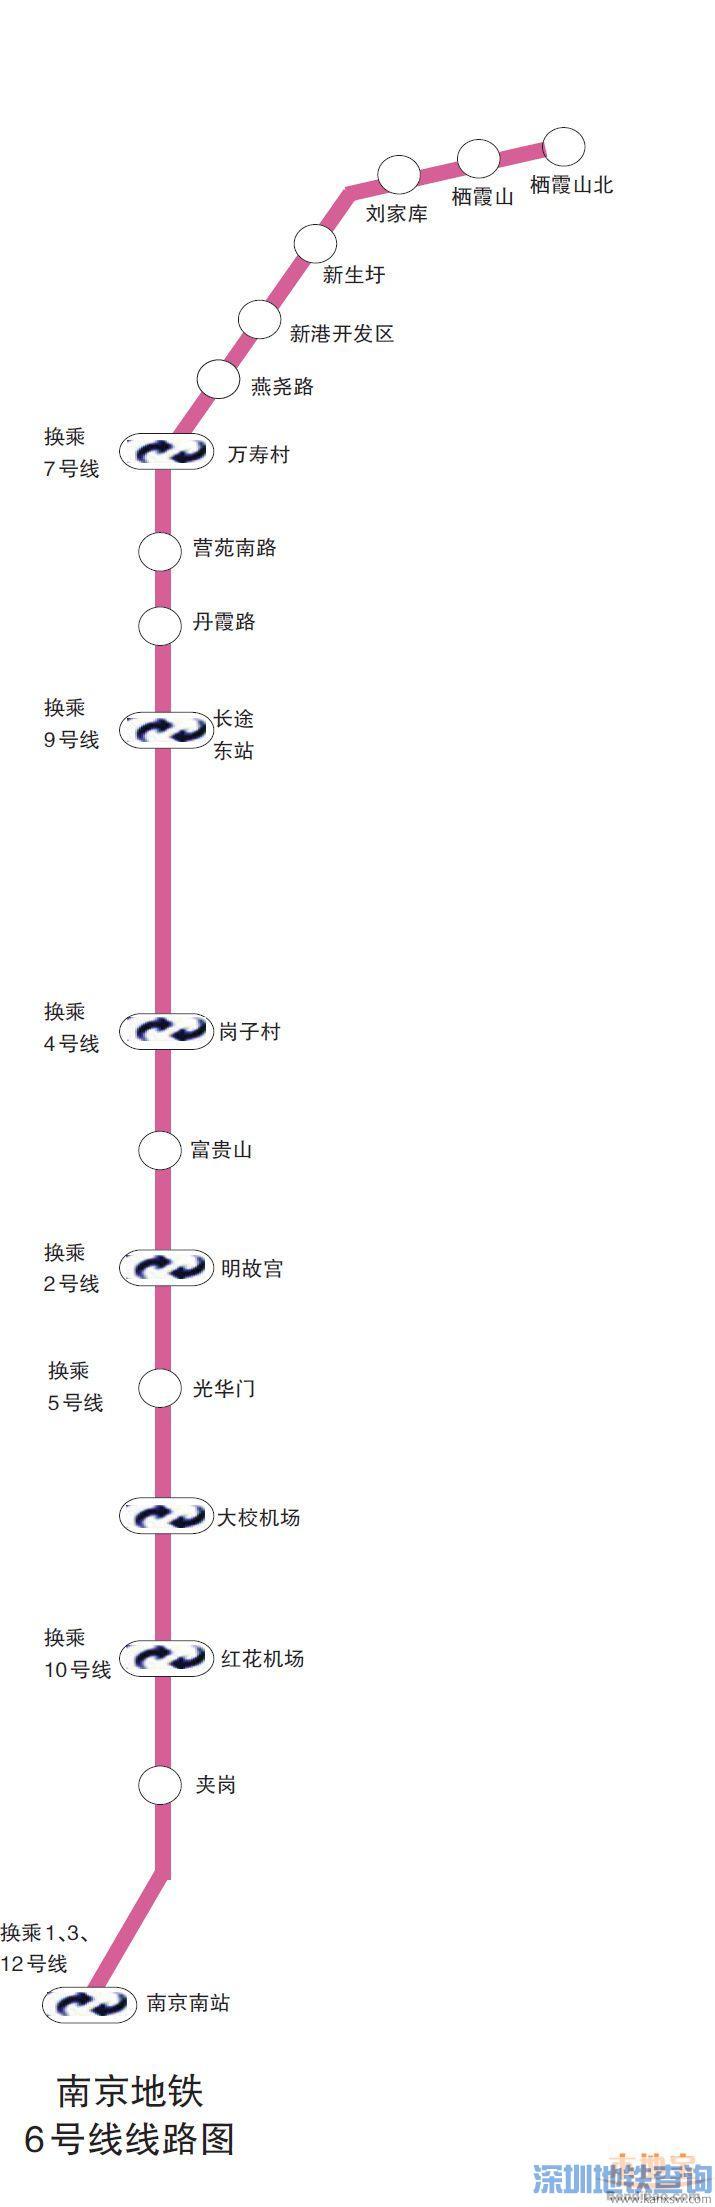 南京地铁6号线环评第一次公示全文内容